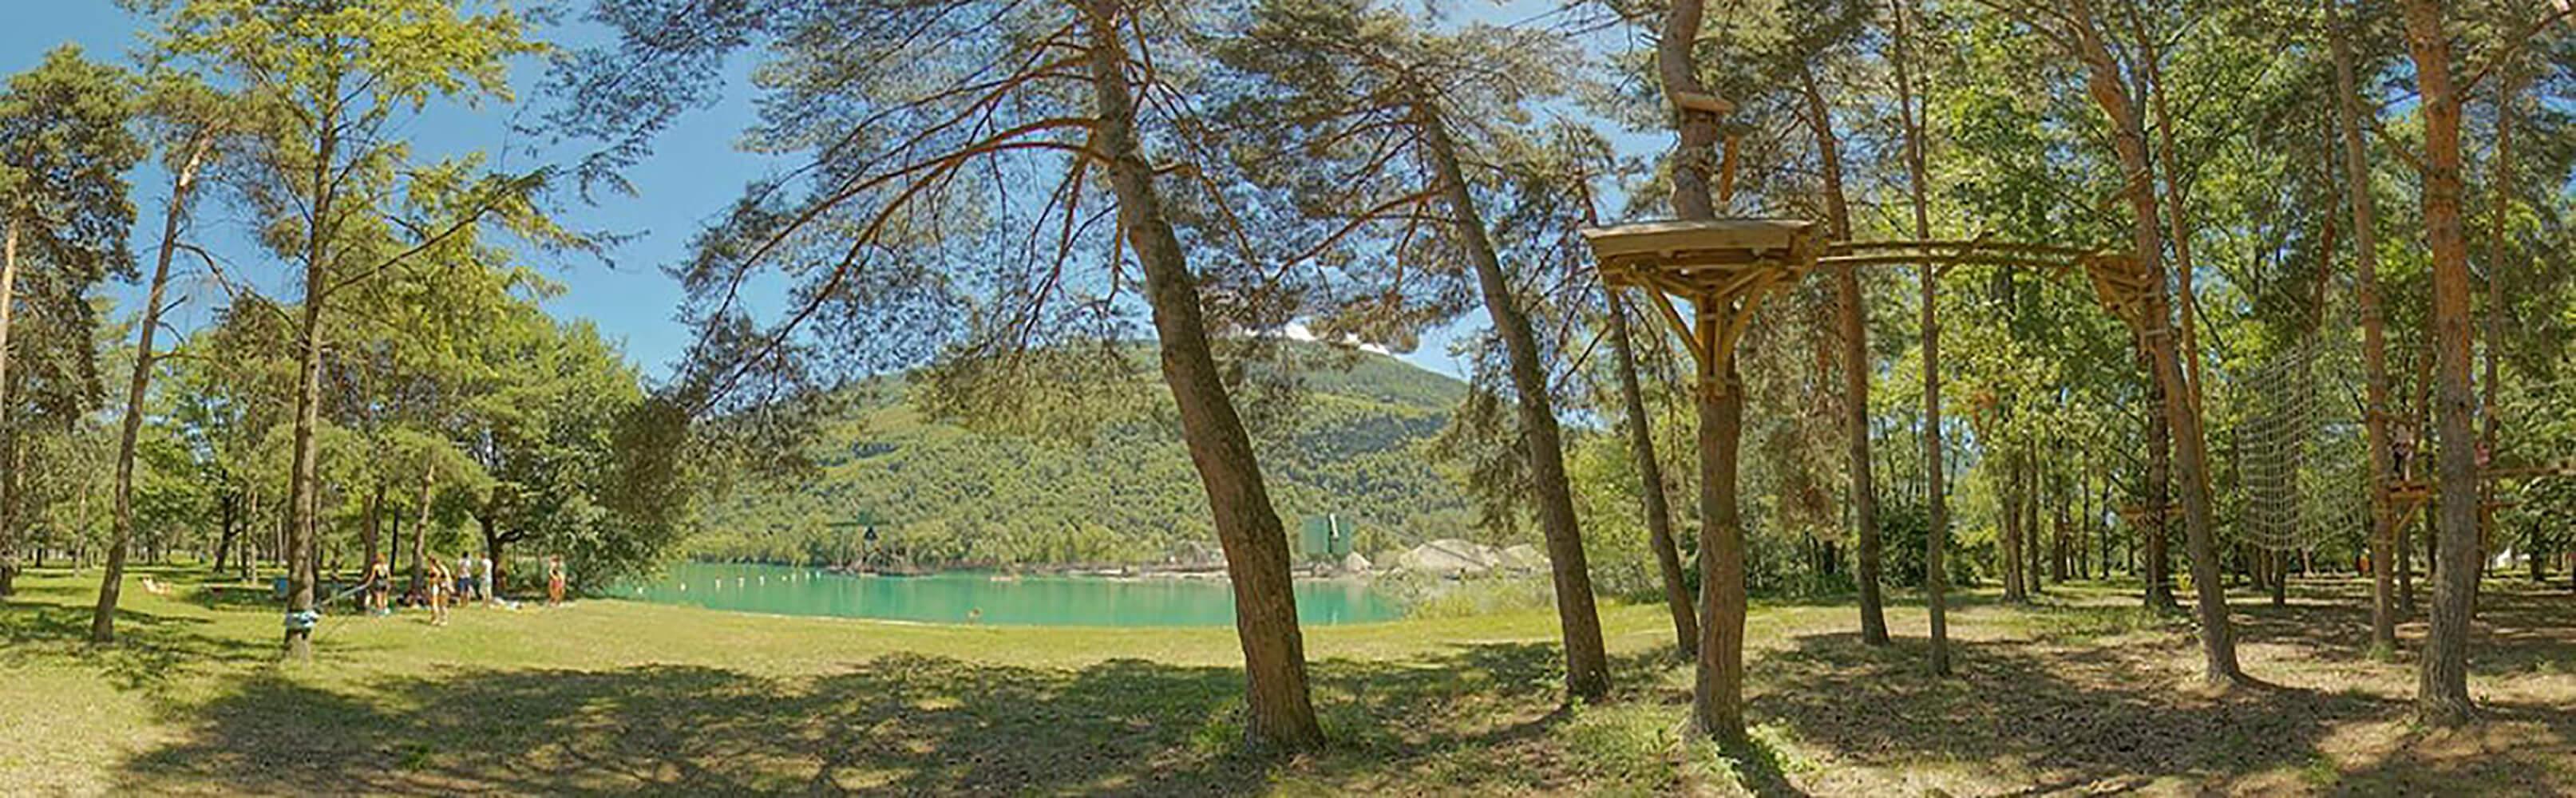 Abenteuerpark Sion 1